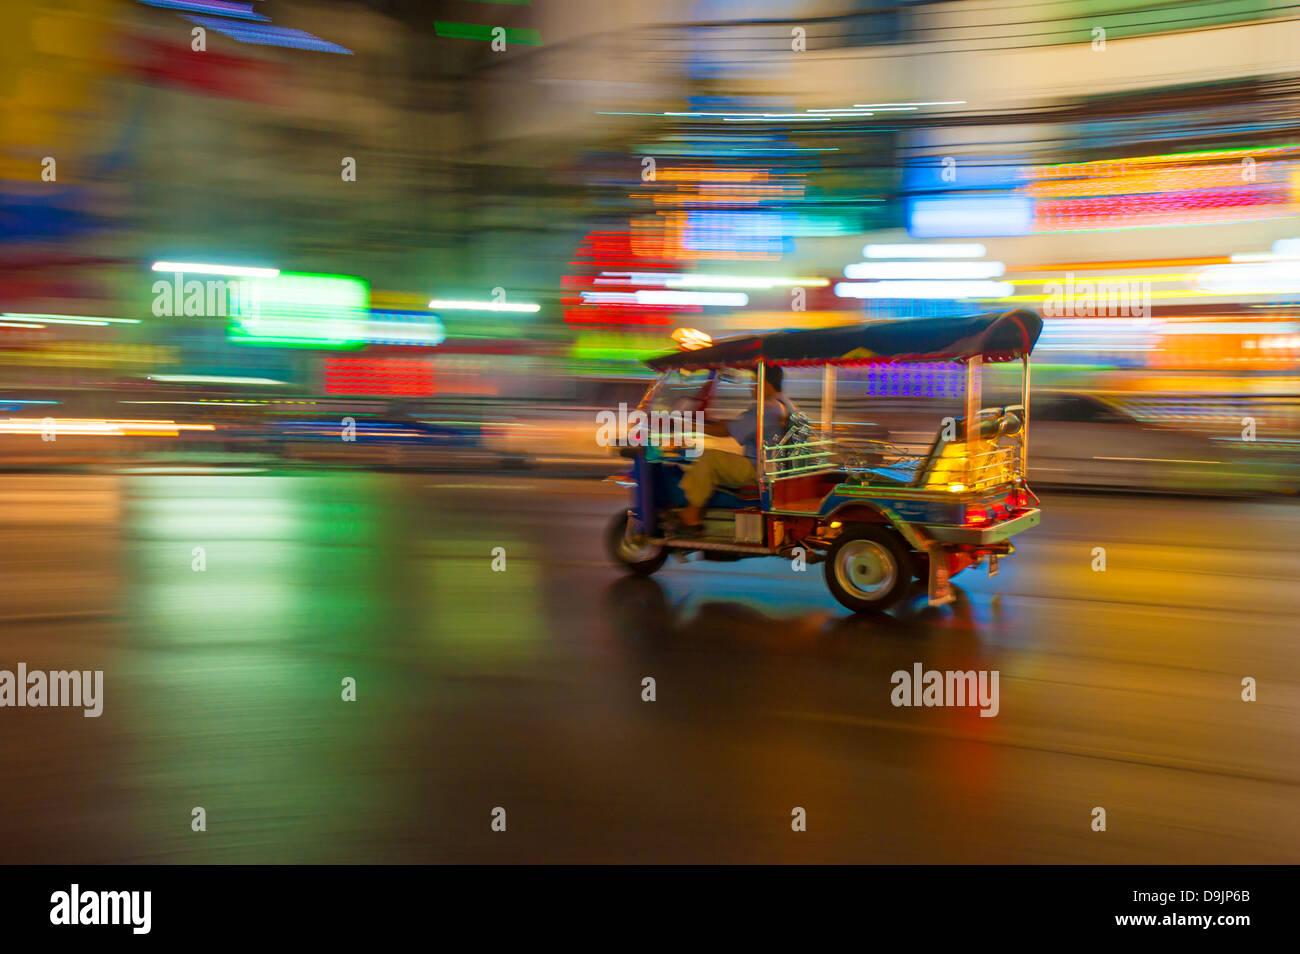 Tuk-tuk en el desenfoque de movimiento, Bangkok, Tailandia Imagen De Stock